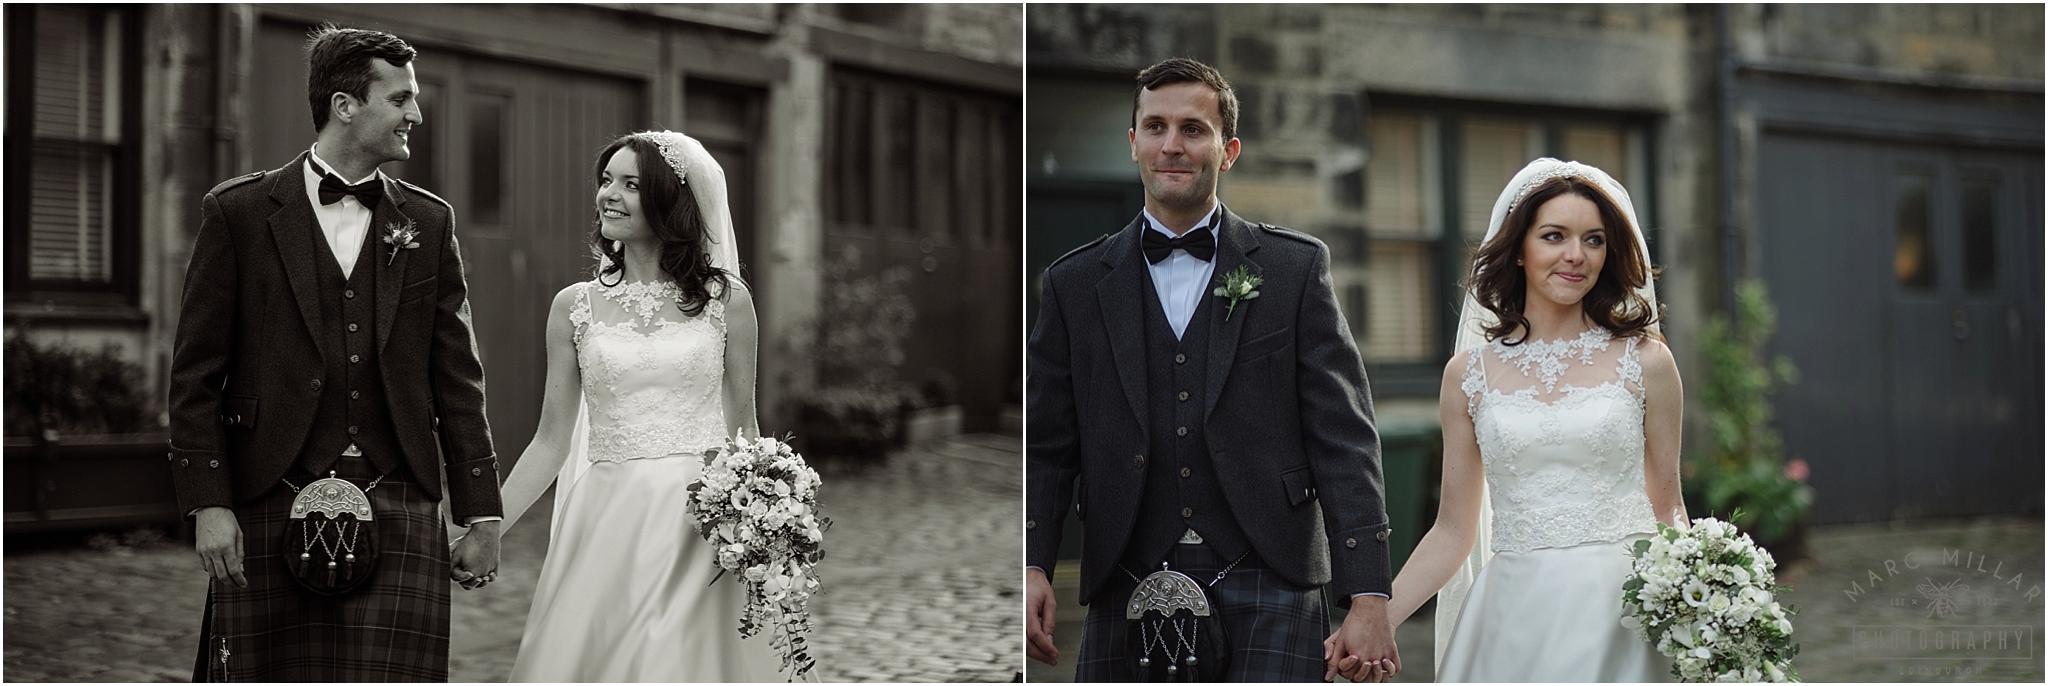 The Balmoral Wedding Photos _011.jpg